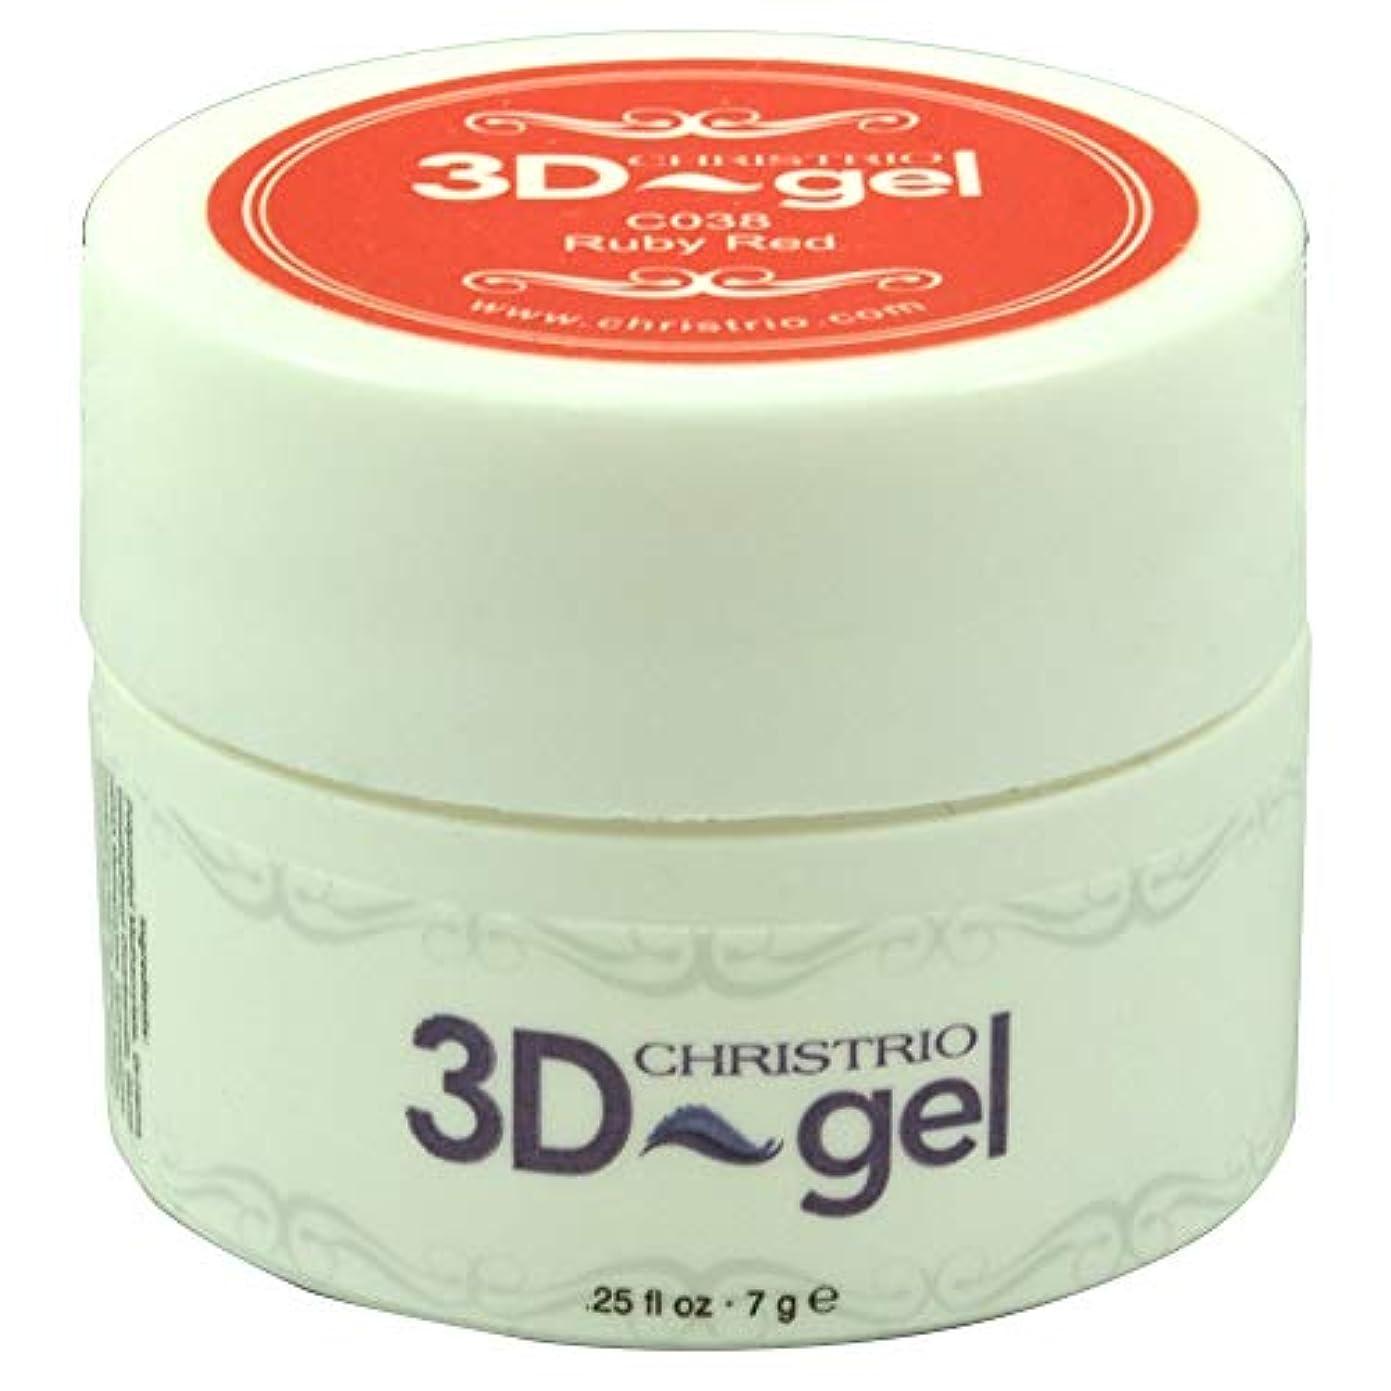 アクセントアイデア鼻CHRISTRIO 3Dジェル 7g C038 ルビーレッド